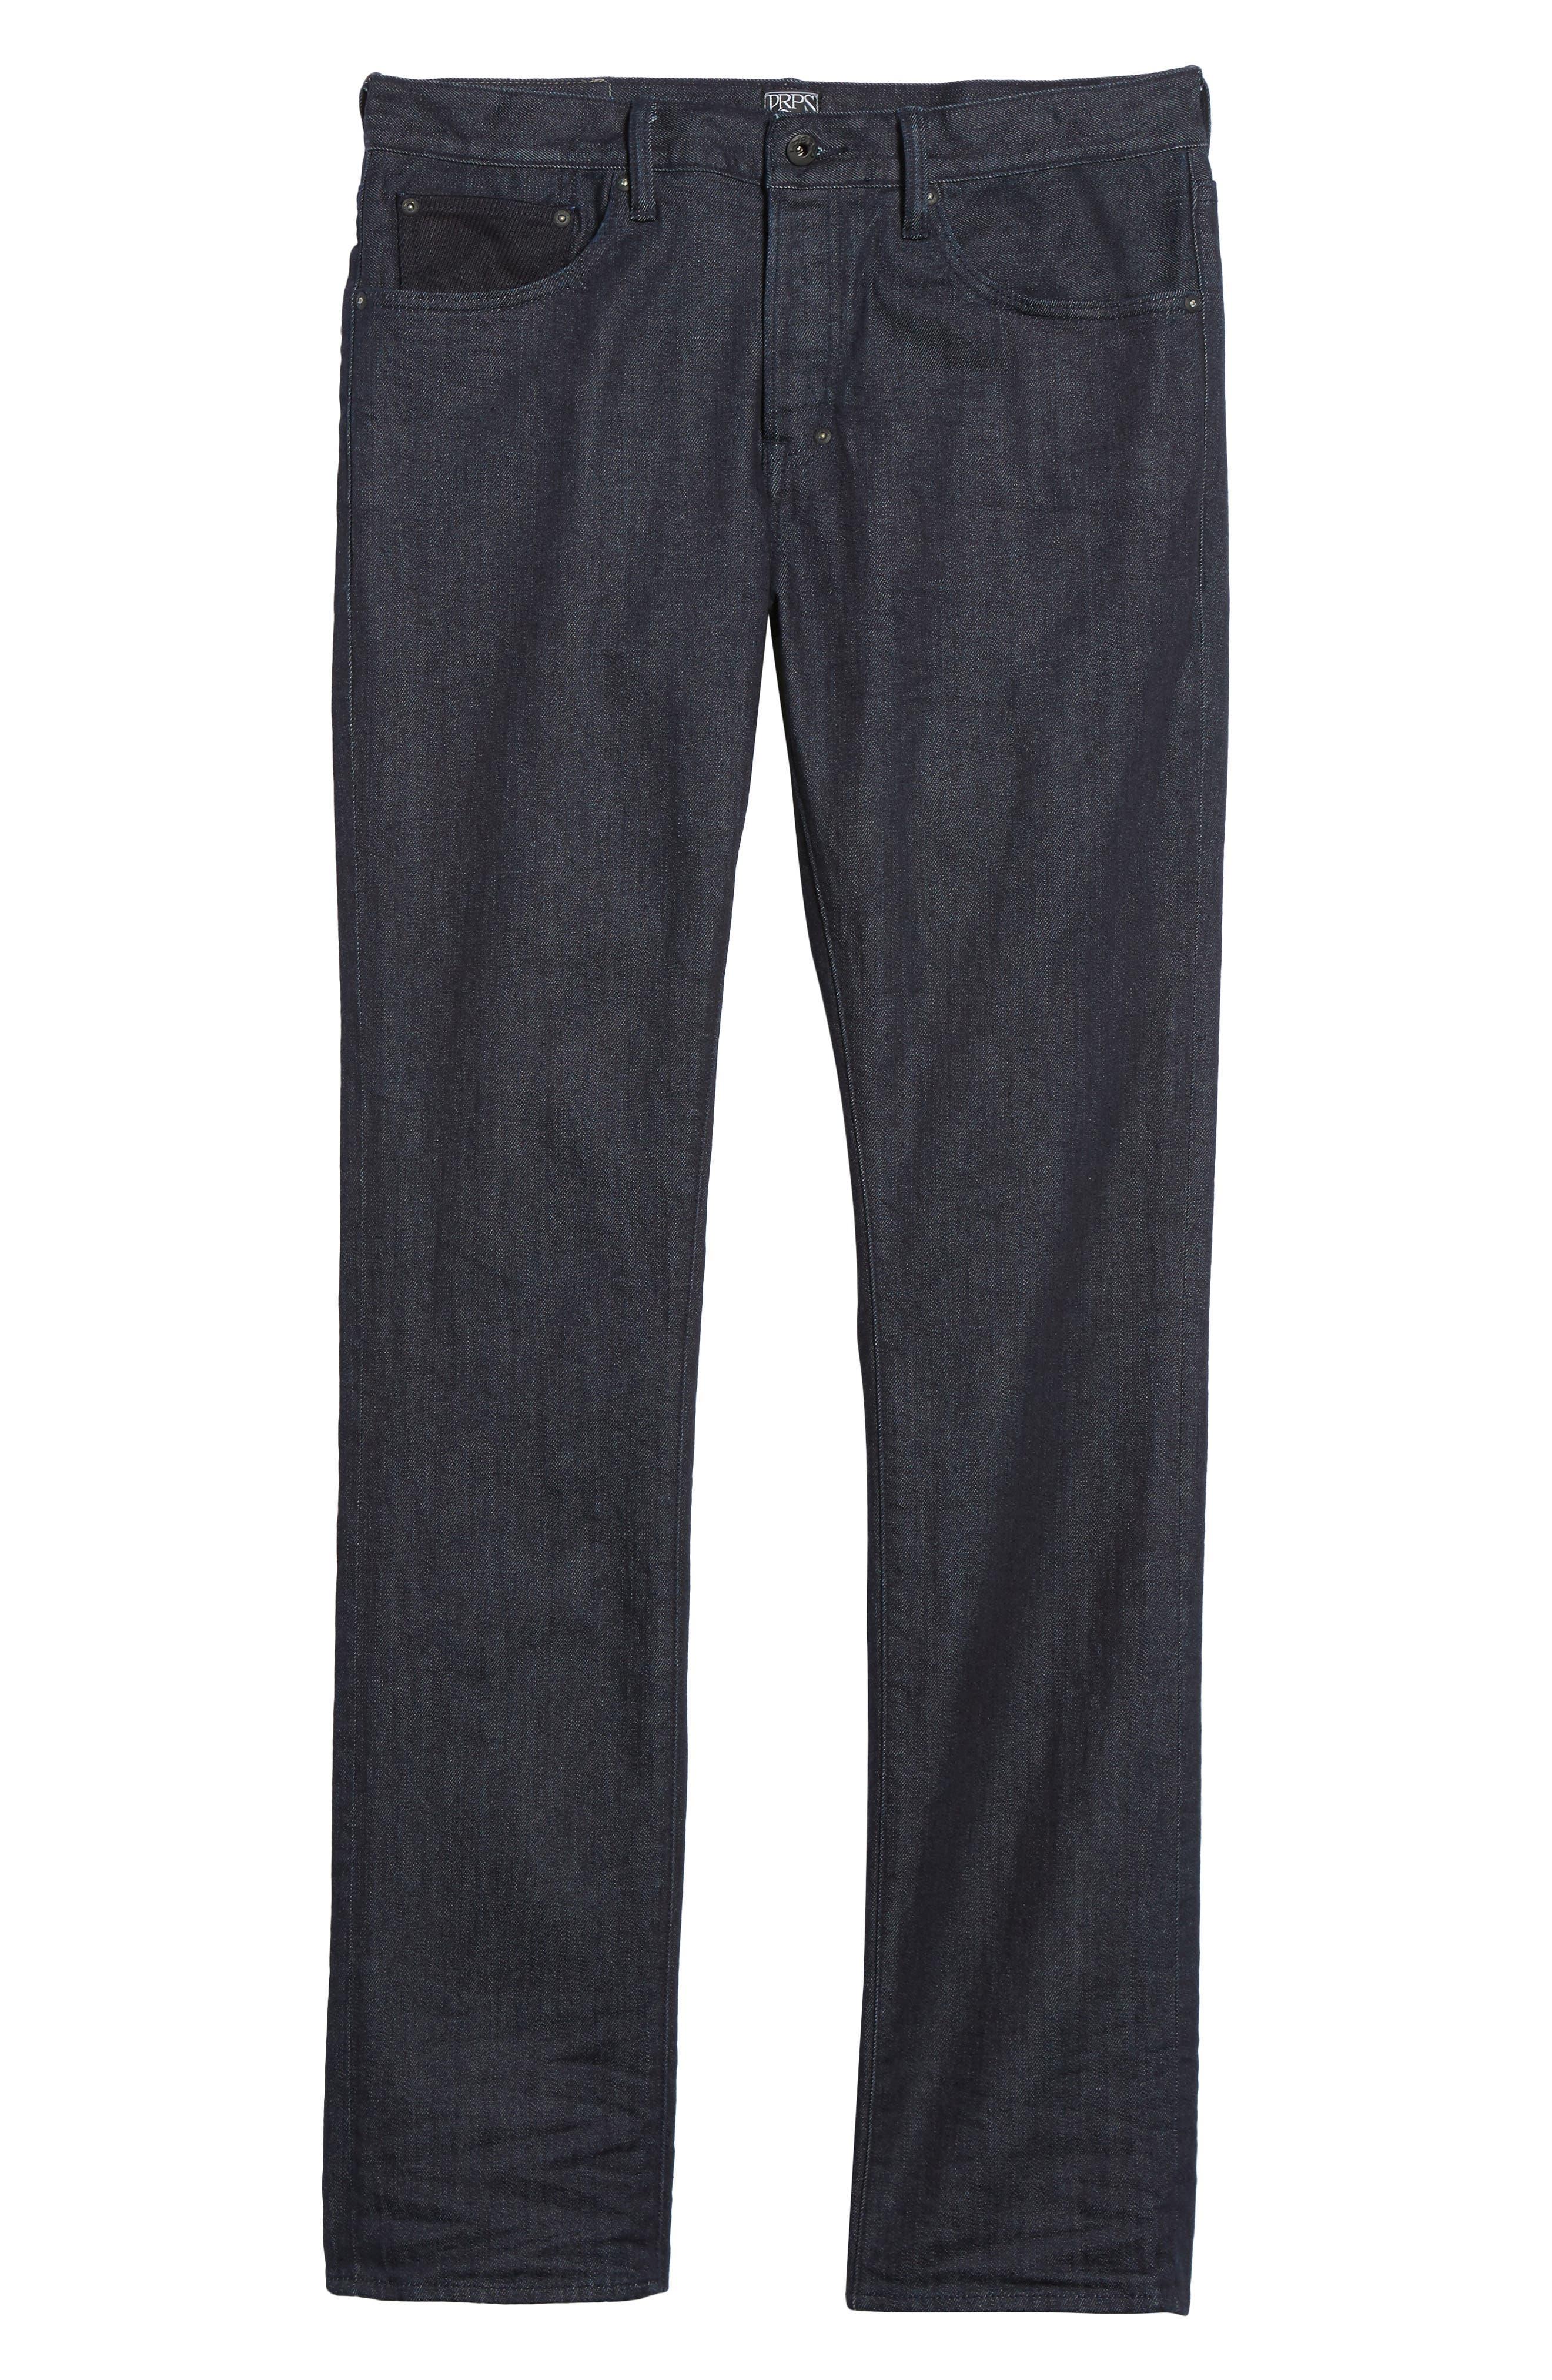 Demon Slim Straight Leg Jeans,                             Alternate thumbnail 6, color,                             416